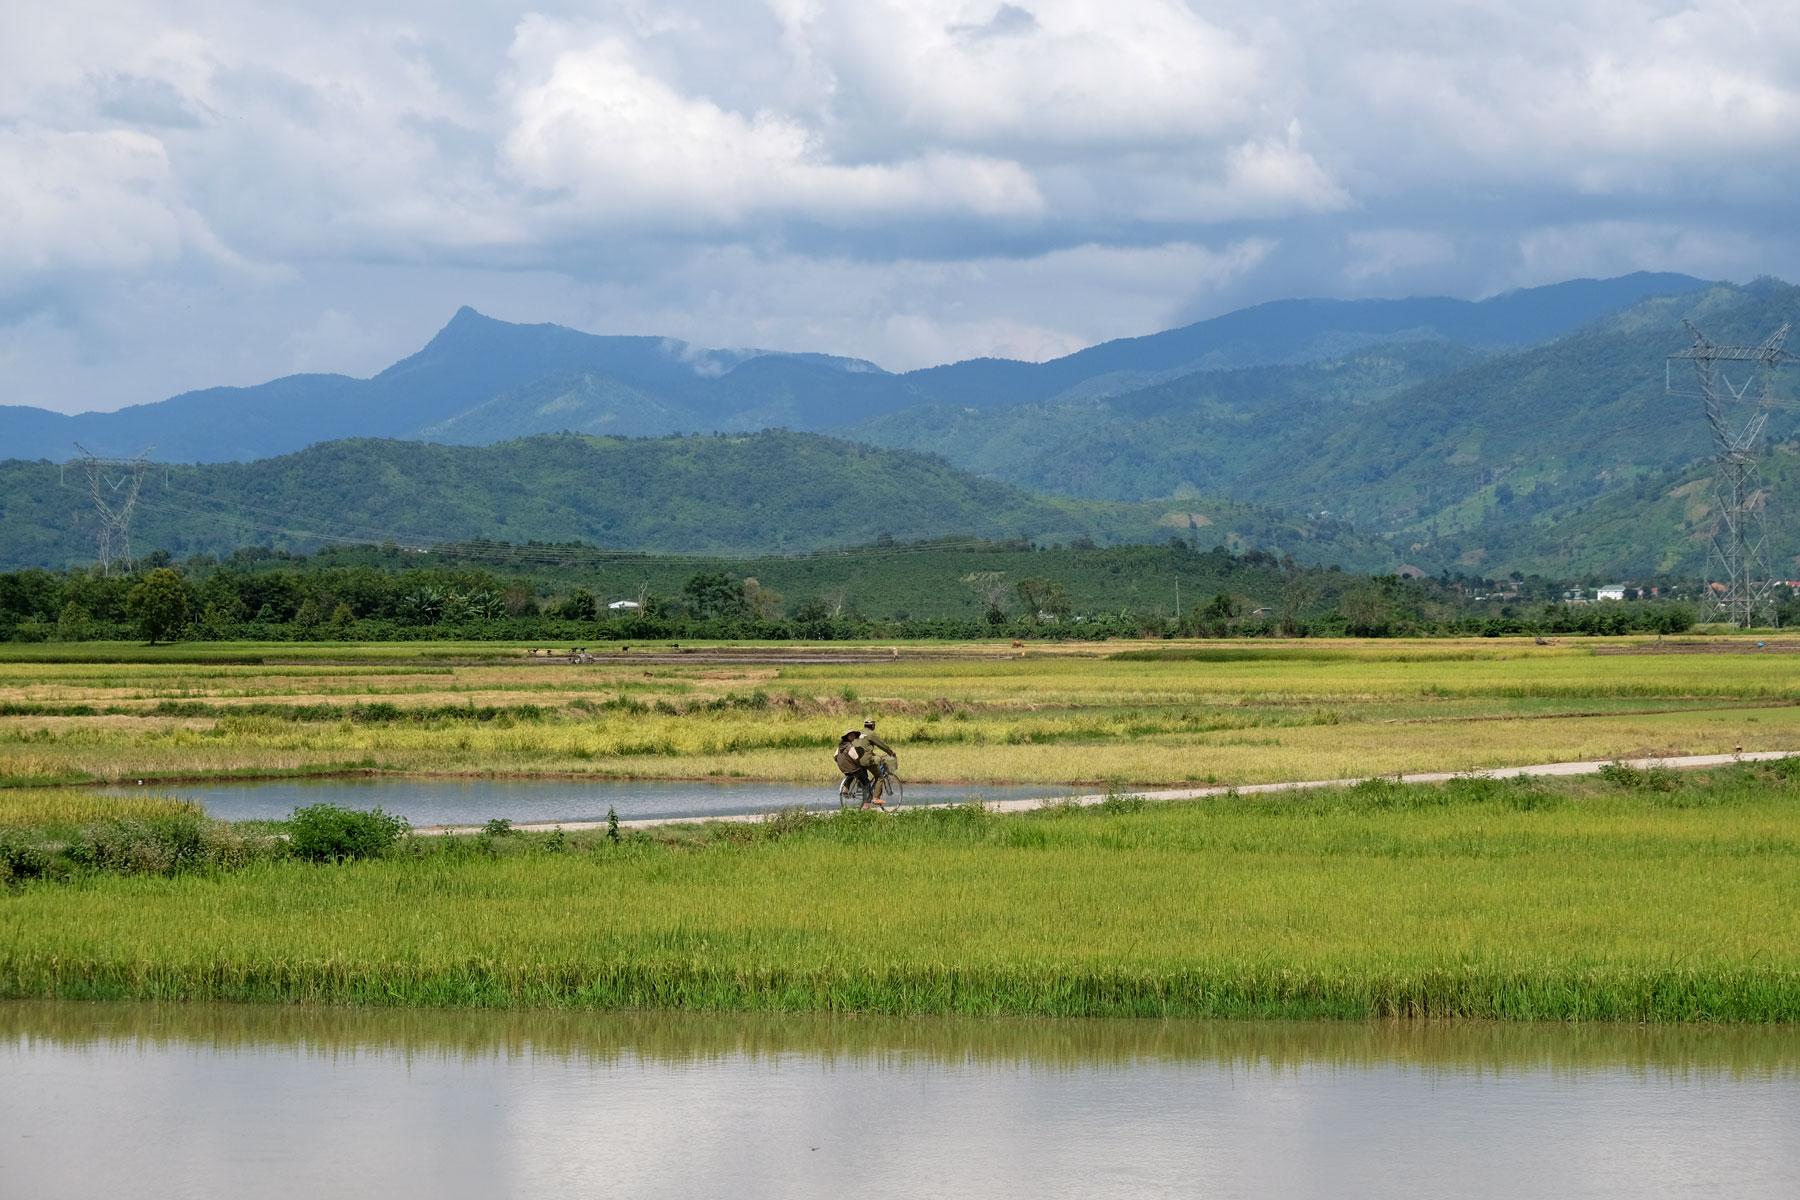 Ein Mann fährt mit seinem Fahrrad durch die Reisfelder im Hochland Vietnams.